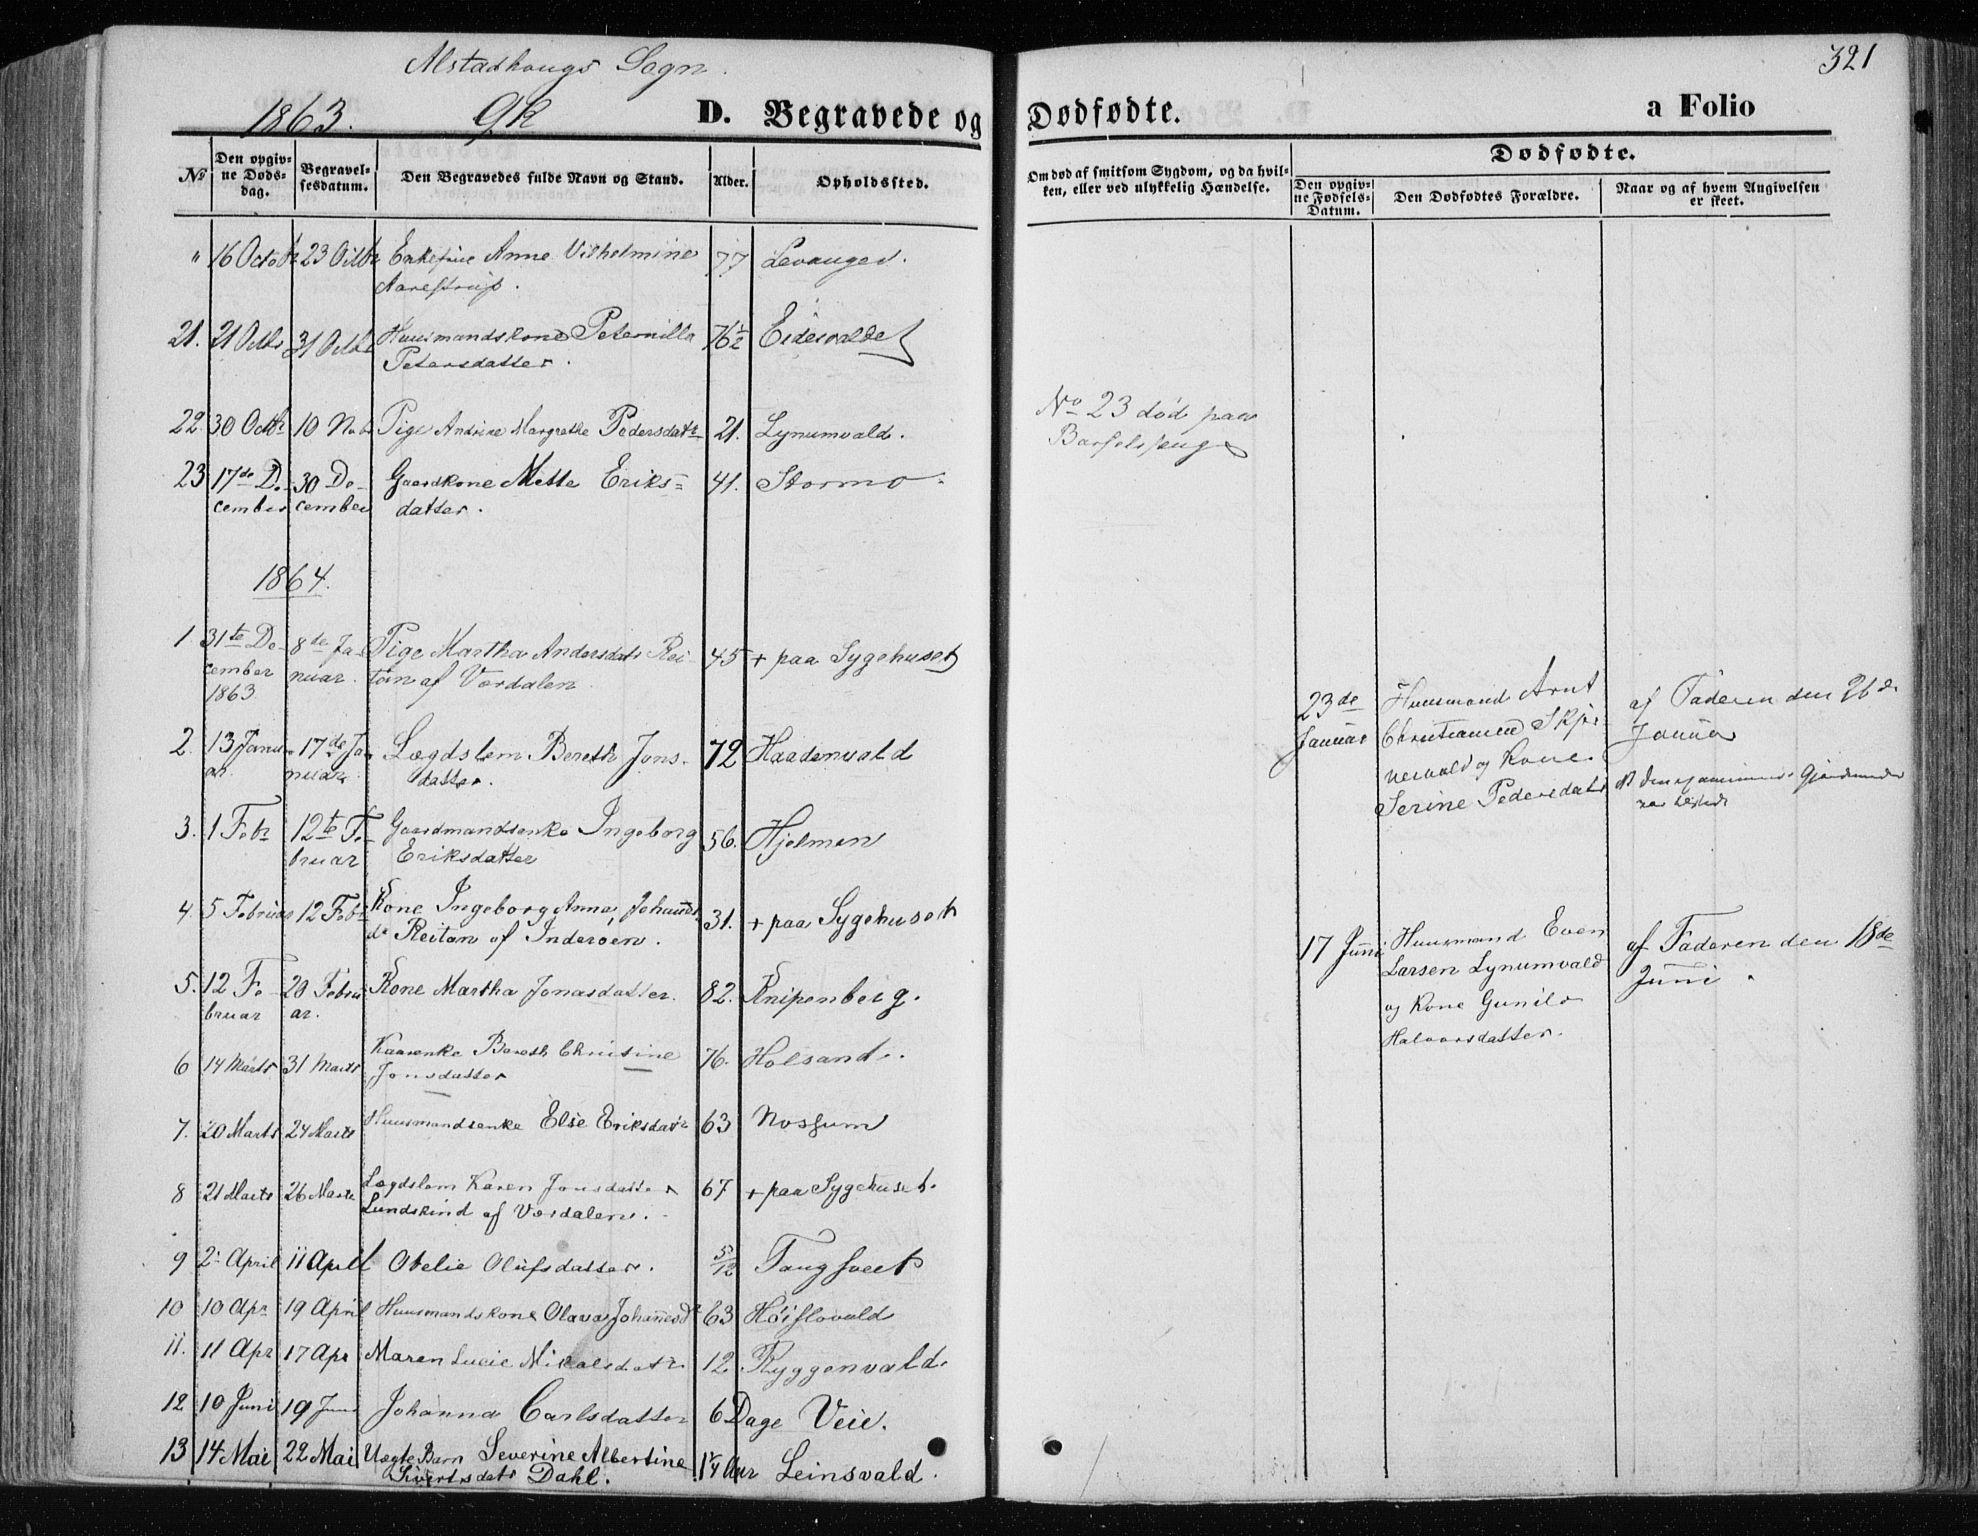 SAT, Ministerialprotokoller, klokkerbøker og fødselsregistre - Nord-Trøndelag, 717/L0157: Ministerialbok nr. 717A08 /1, 1863-1877, s. 321